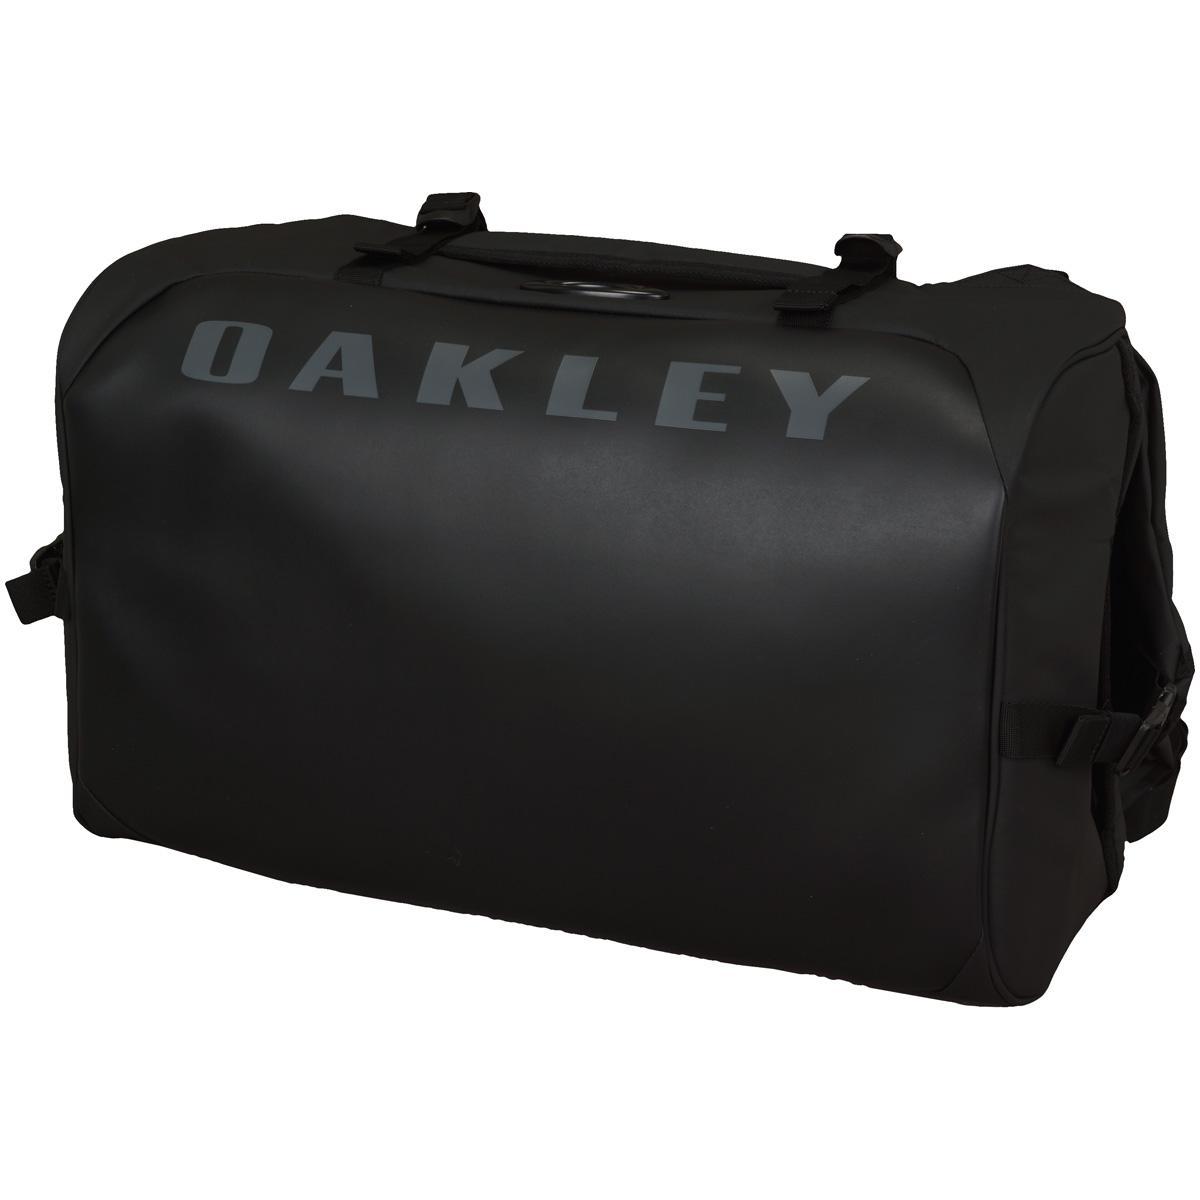 オークリー OAKLEY 3WAY トレーニング ボストンバッグ